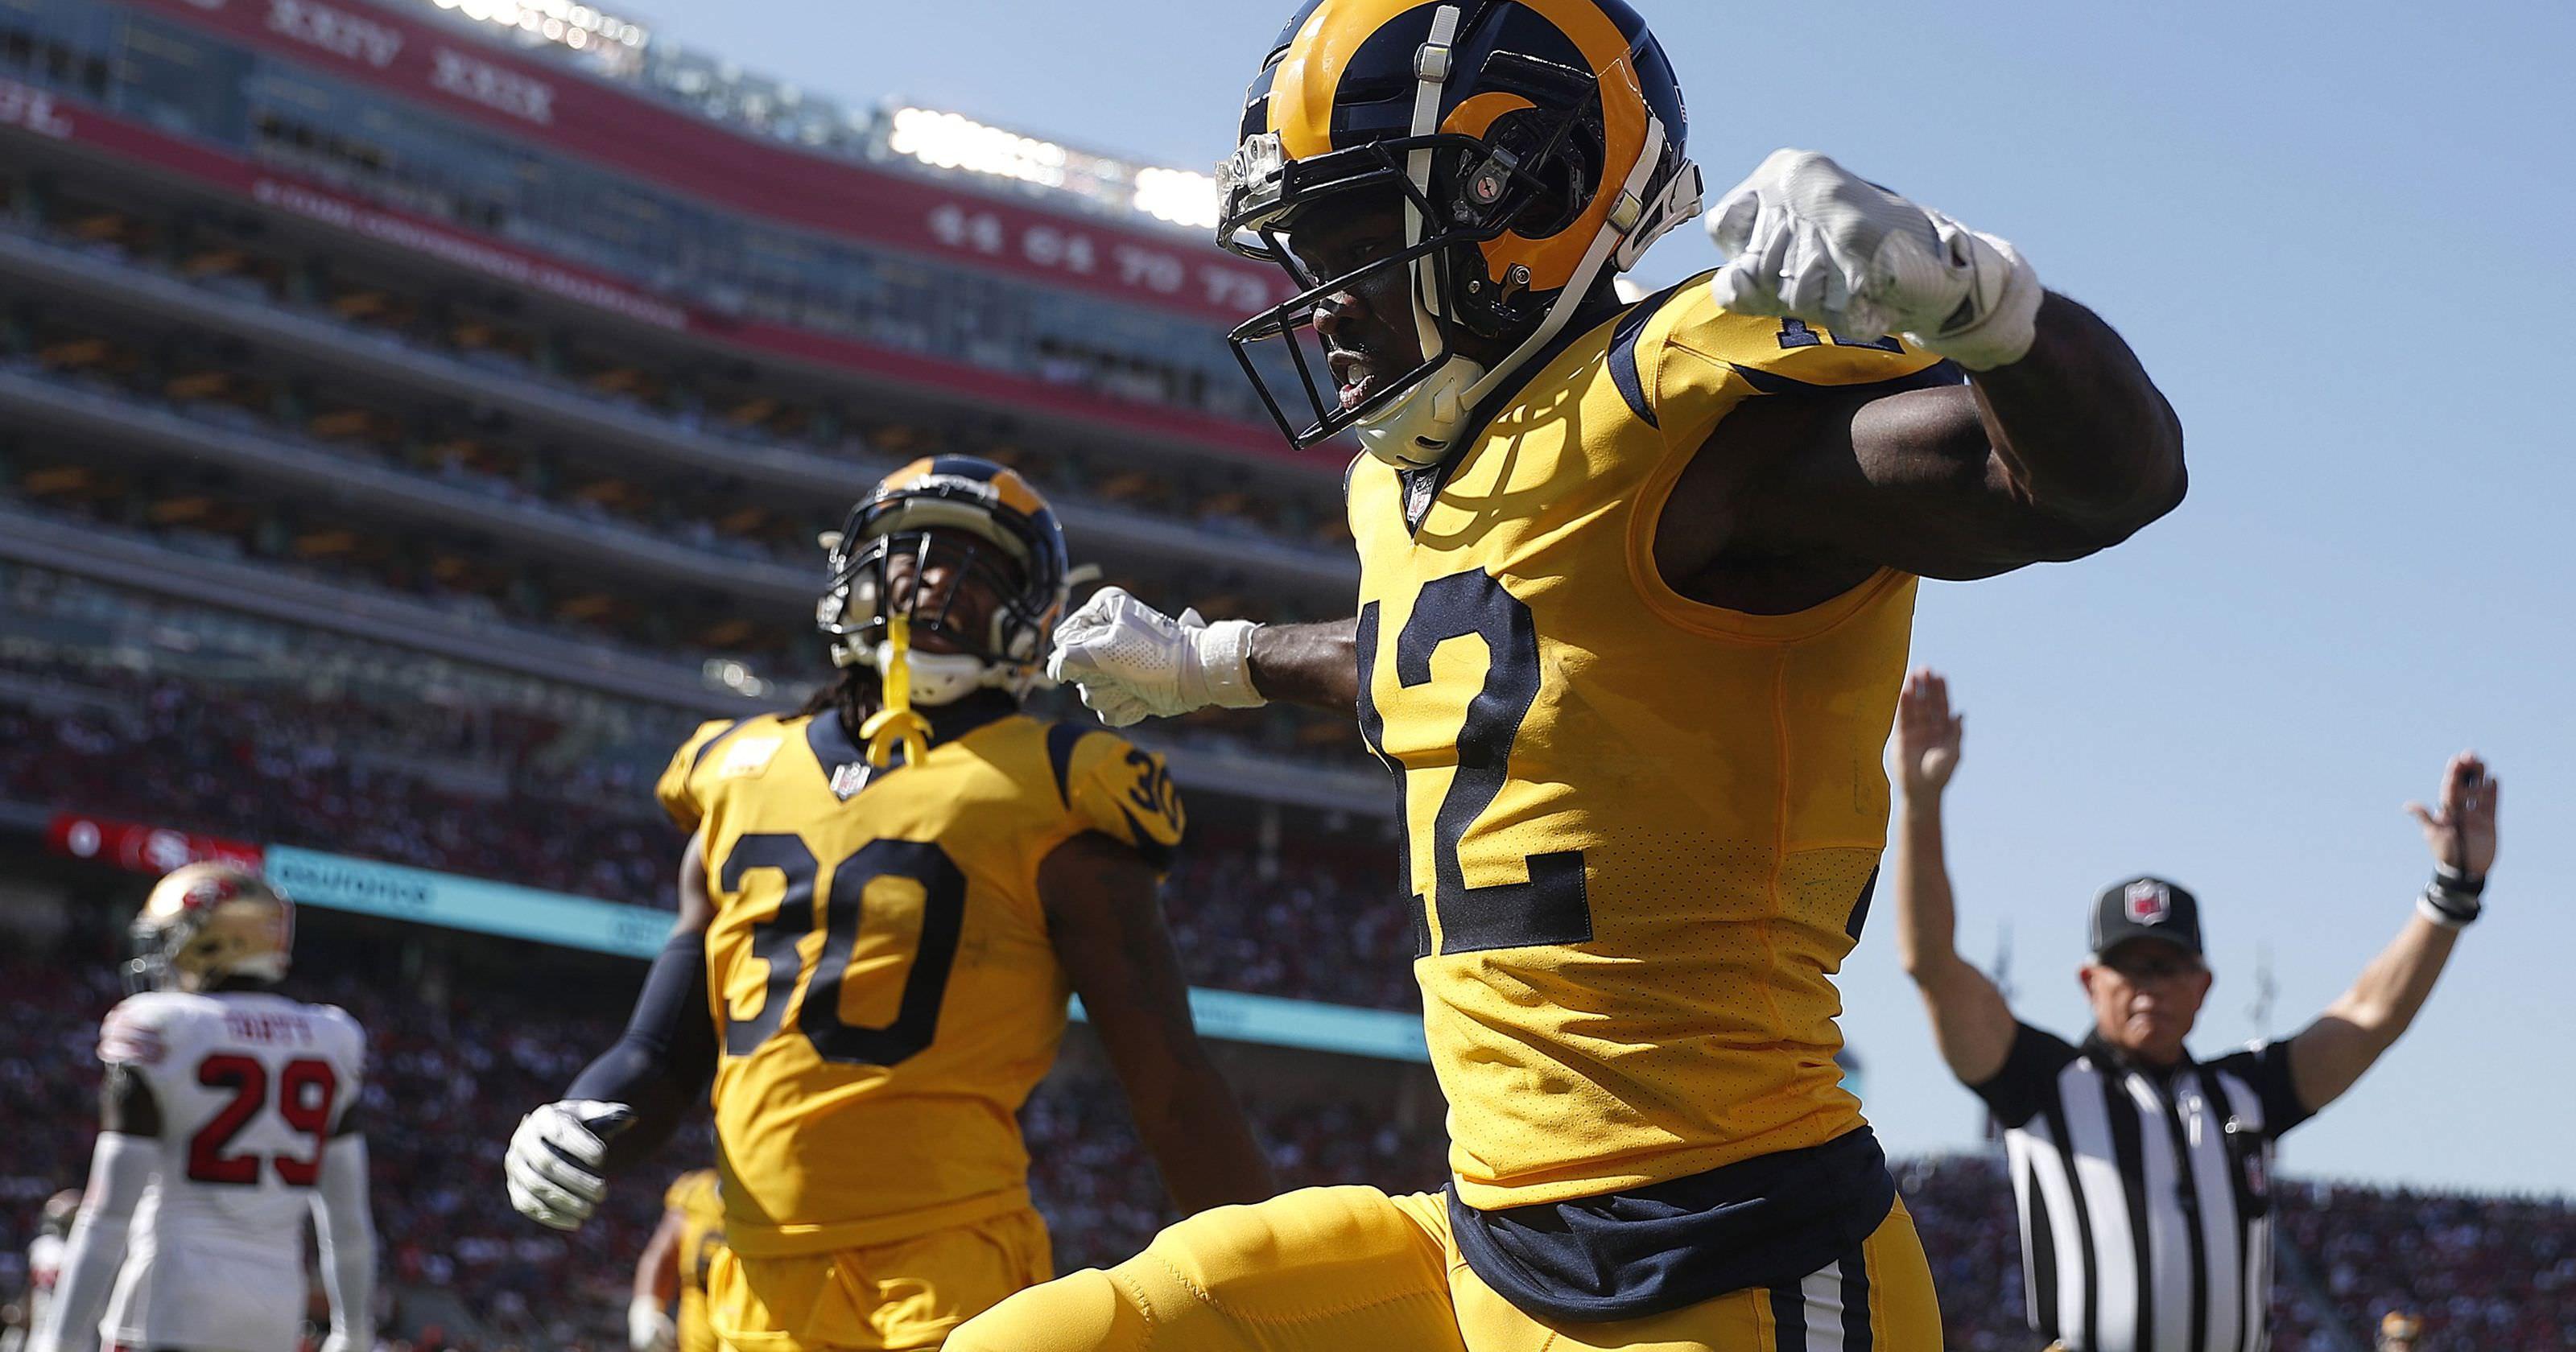 Cozinheiros de Los Angeles faz 2ª chance no Super Bowl após o comércio dos Patriots